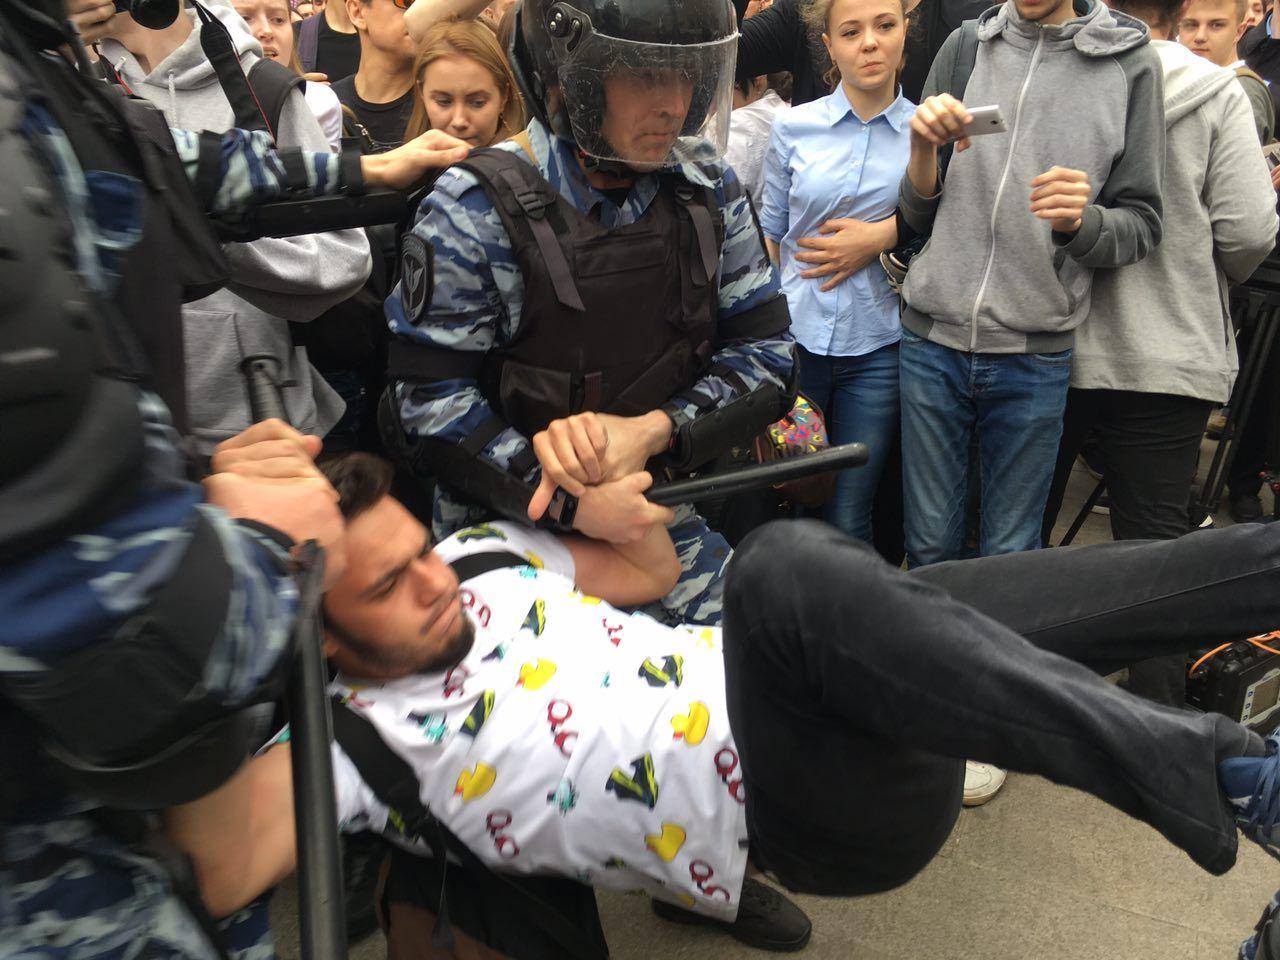 В МВД России считают, что родители должны нести ответственность за участие подростков в митингах